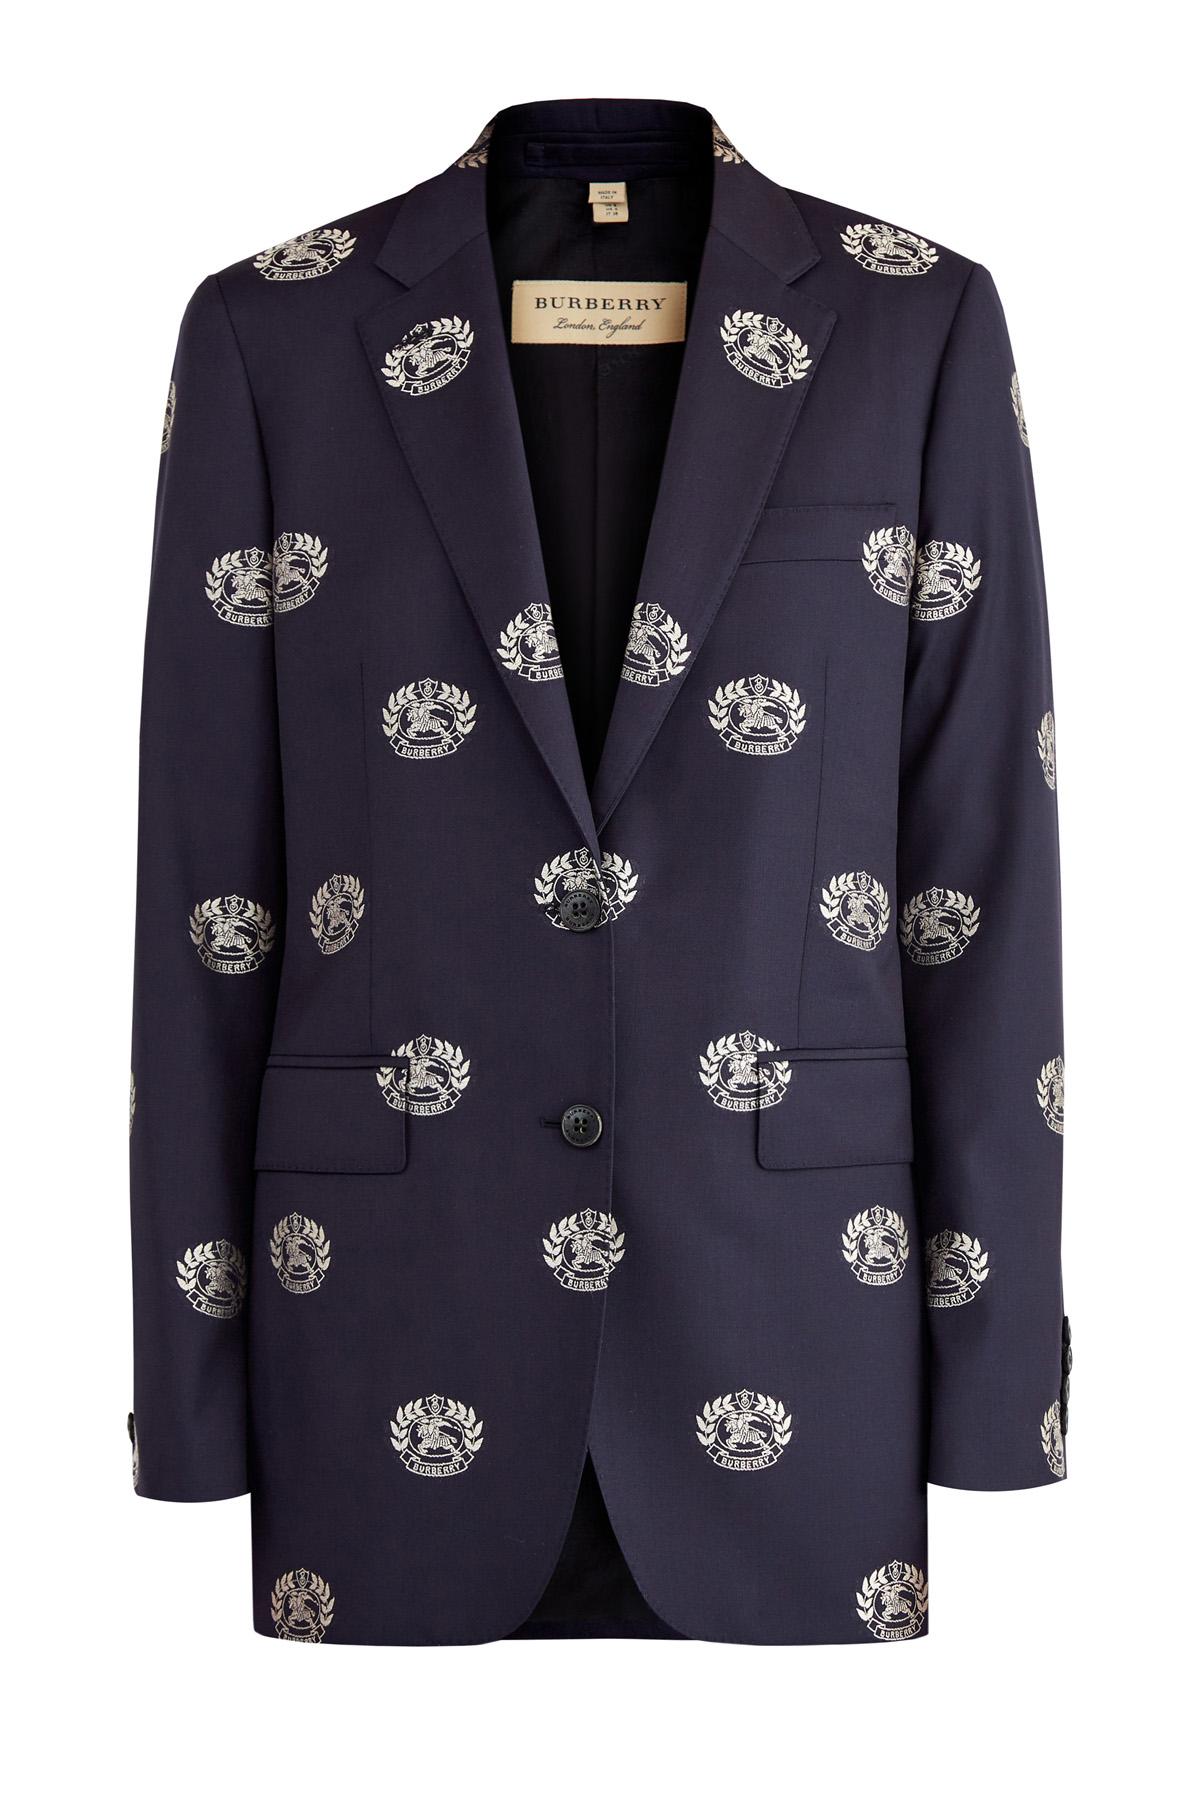 Купить со скидкой Строгий пиджак из итальянской шерсти с принтом Prorsum